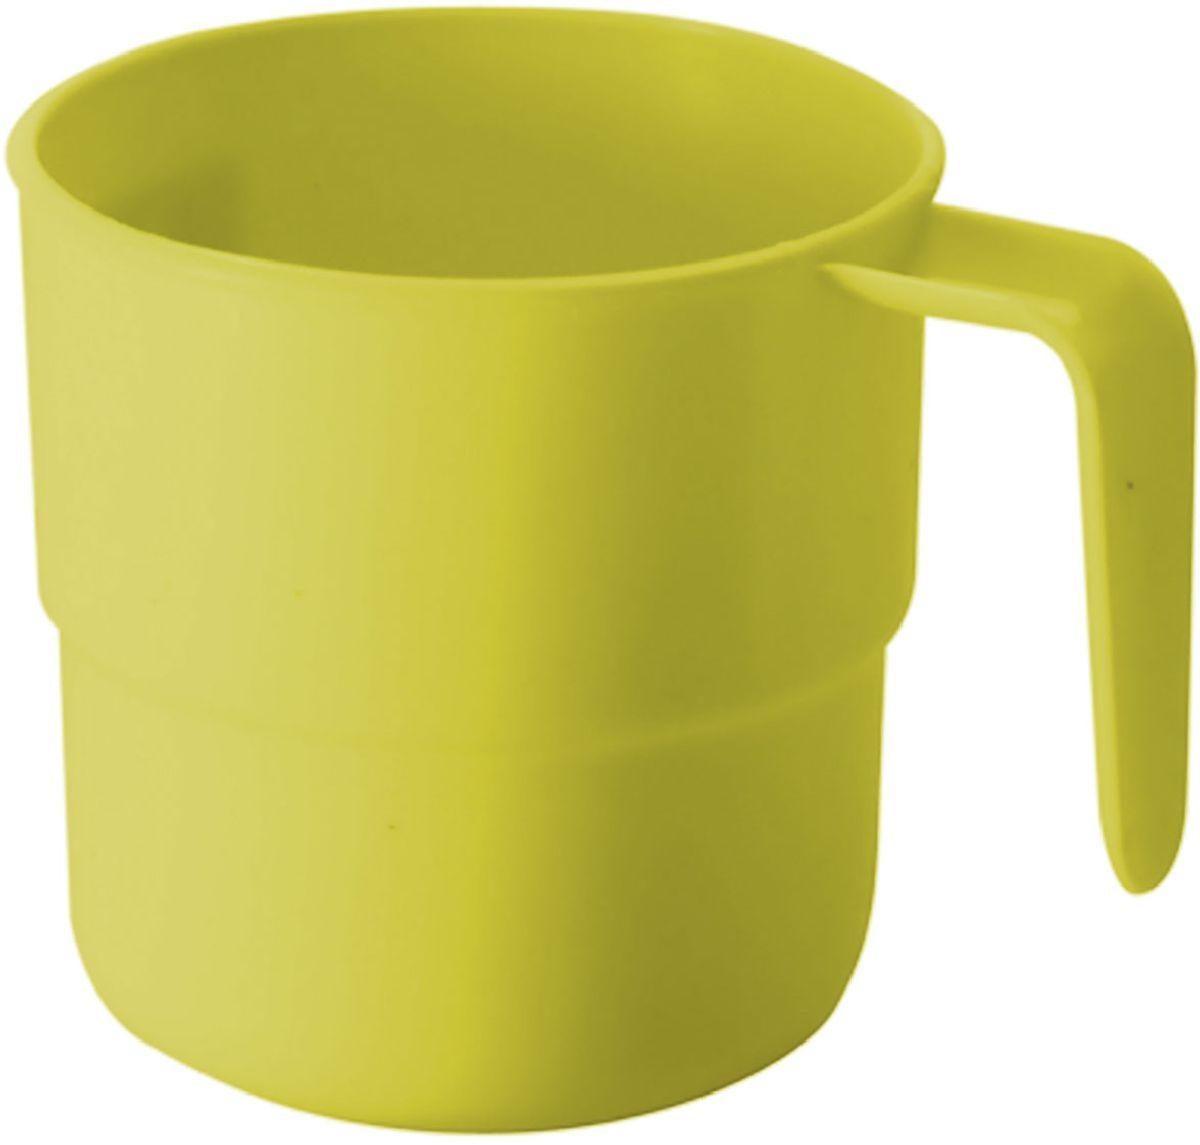 Кружка Plastic Centre, цвет: желтый, 250 мл54 009312Кружка кемпинговая прекрасно подойдет для дачи, пикника или поездки в поезде. Легкую кружку удобно взять с собой на природу. Прочный пластик подходит для многократного использования.Объем кружки: 250 мл.Размер кружки: 10,5 х 8 см.